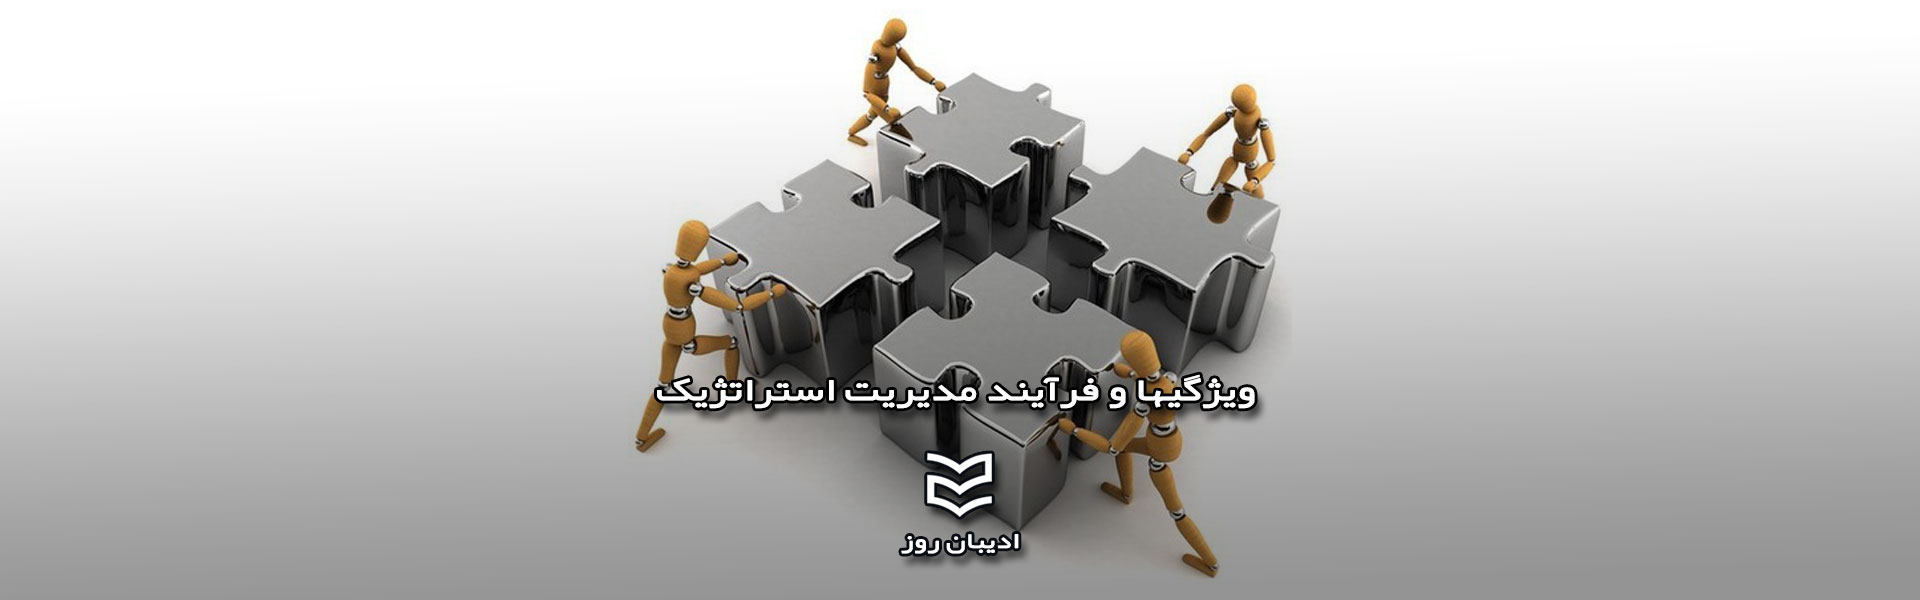 ویژگیها و فرآیند مدیریت استراتژیک